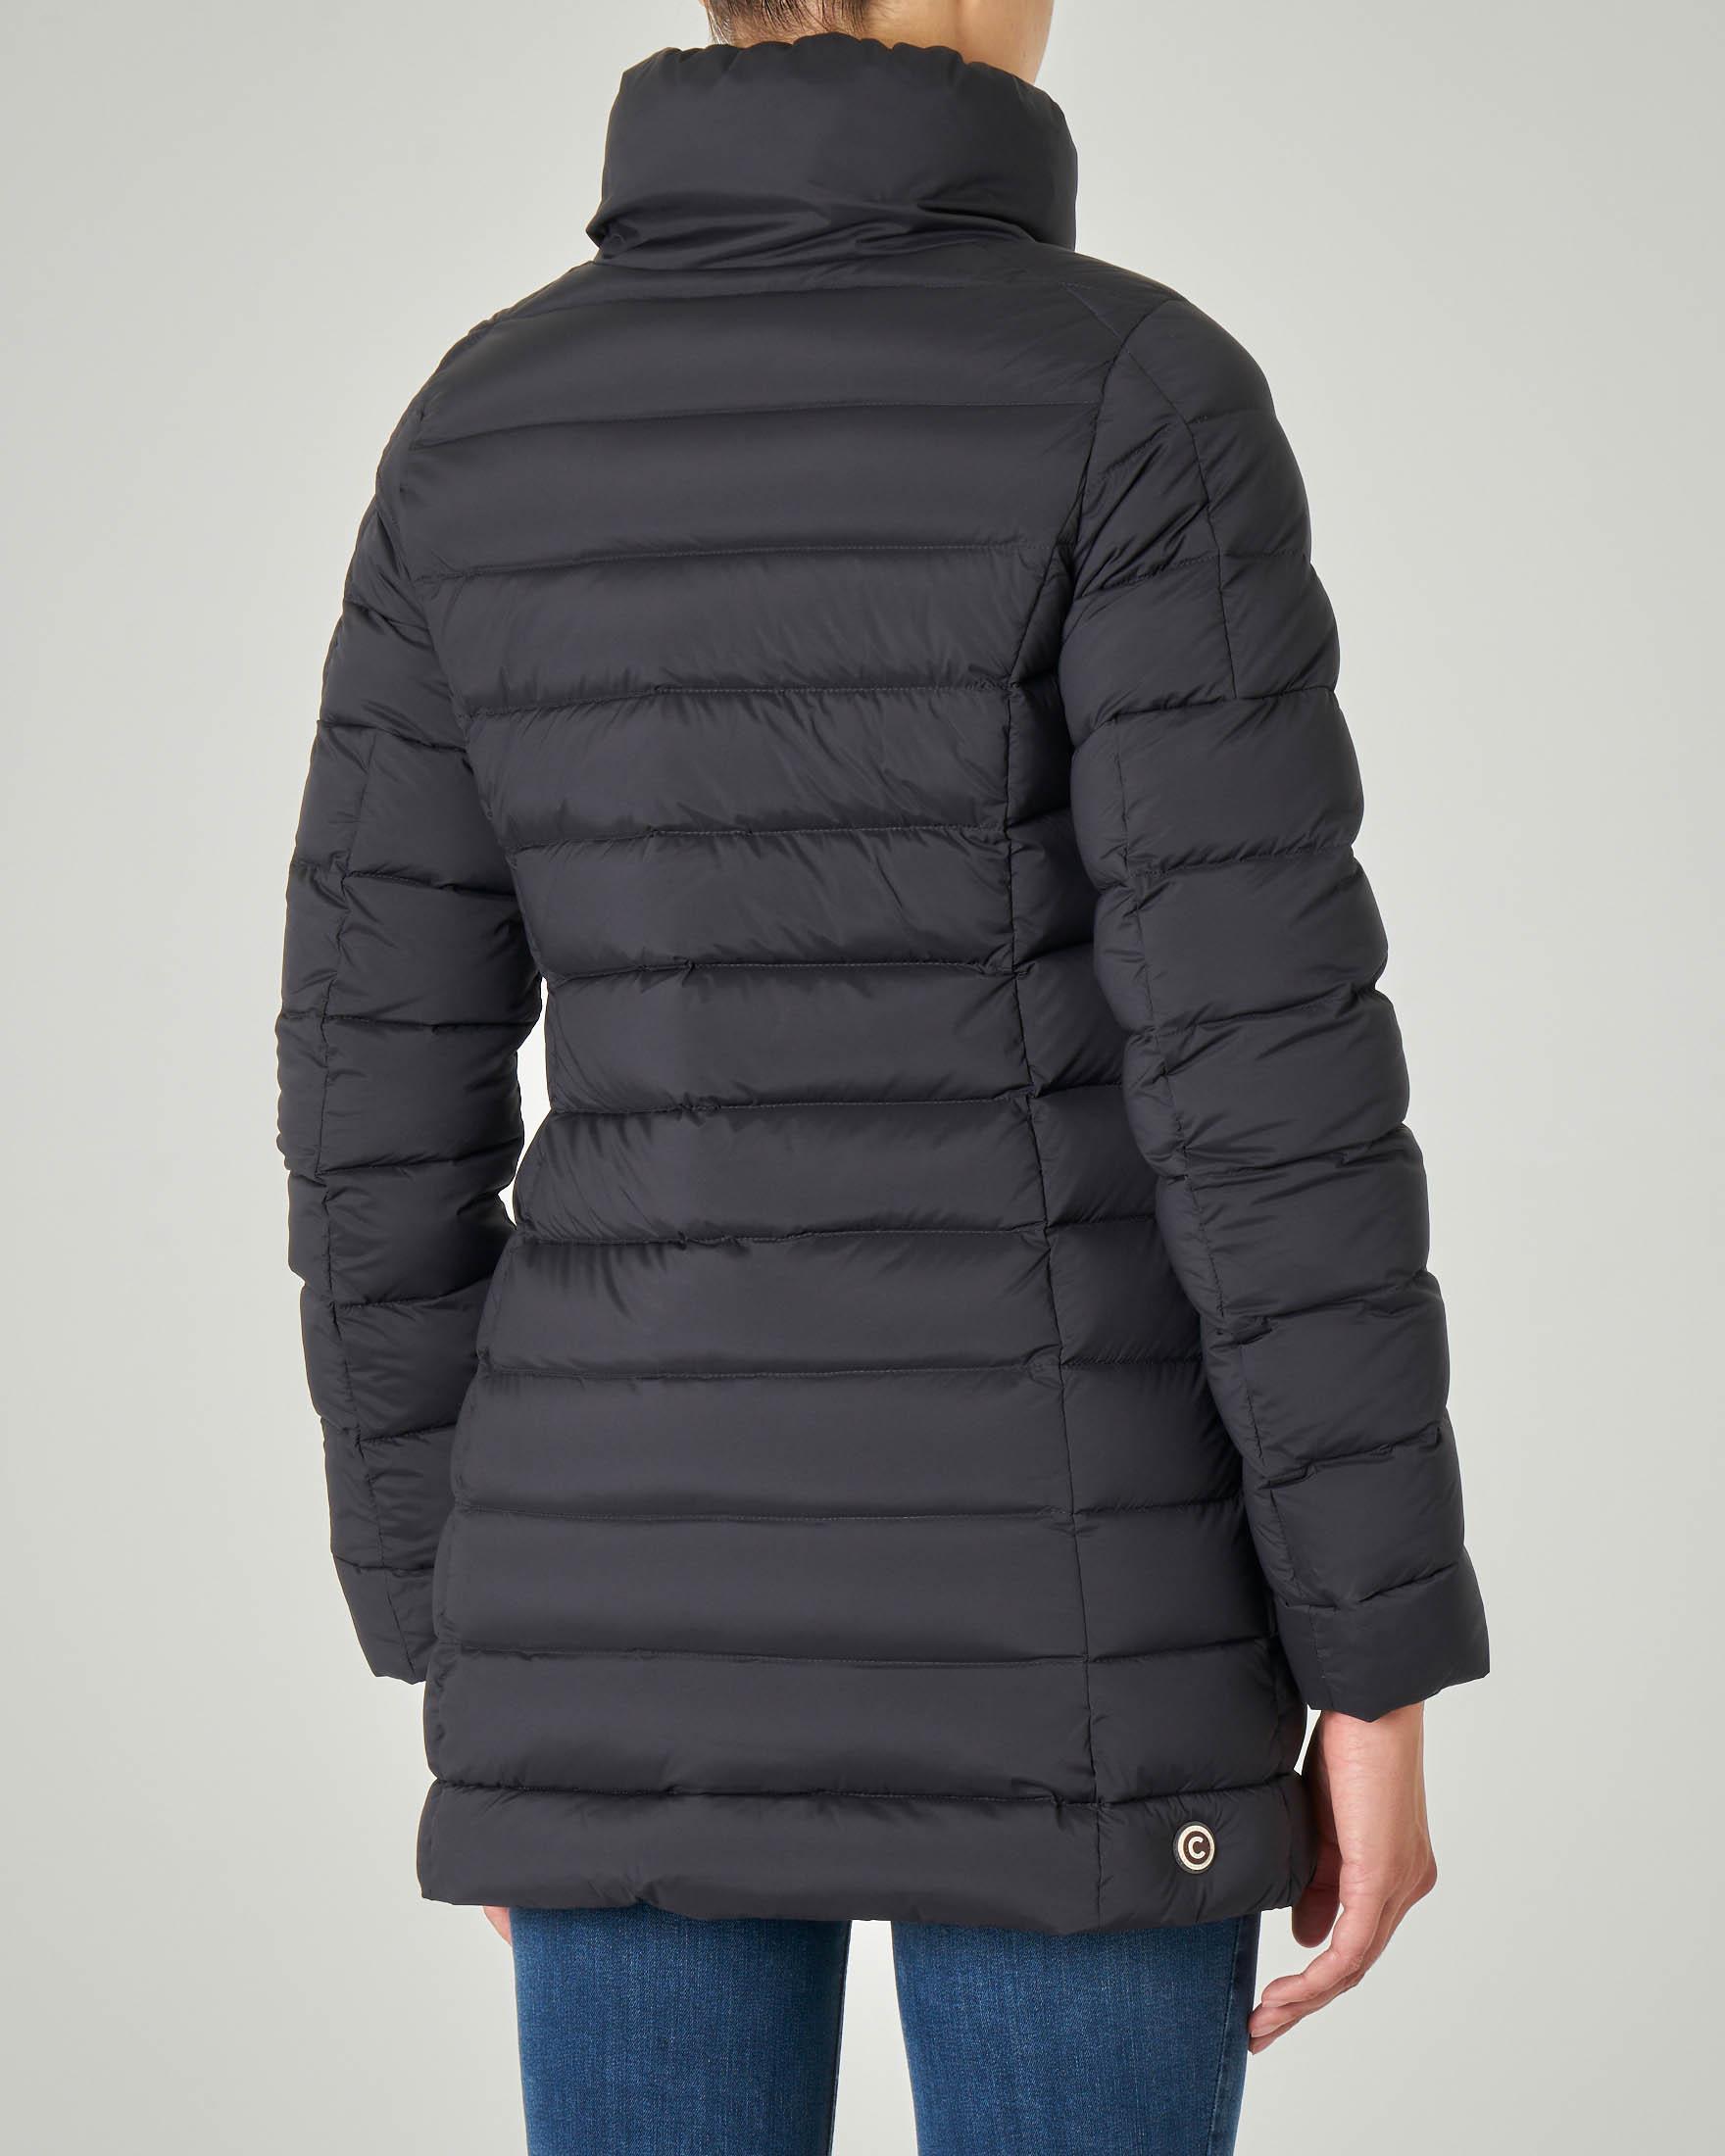 Piumino lunghezza molto sfiancato colore nero effetto opaco con collo alto   Pellizzari E commerce